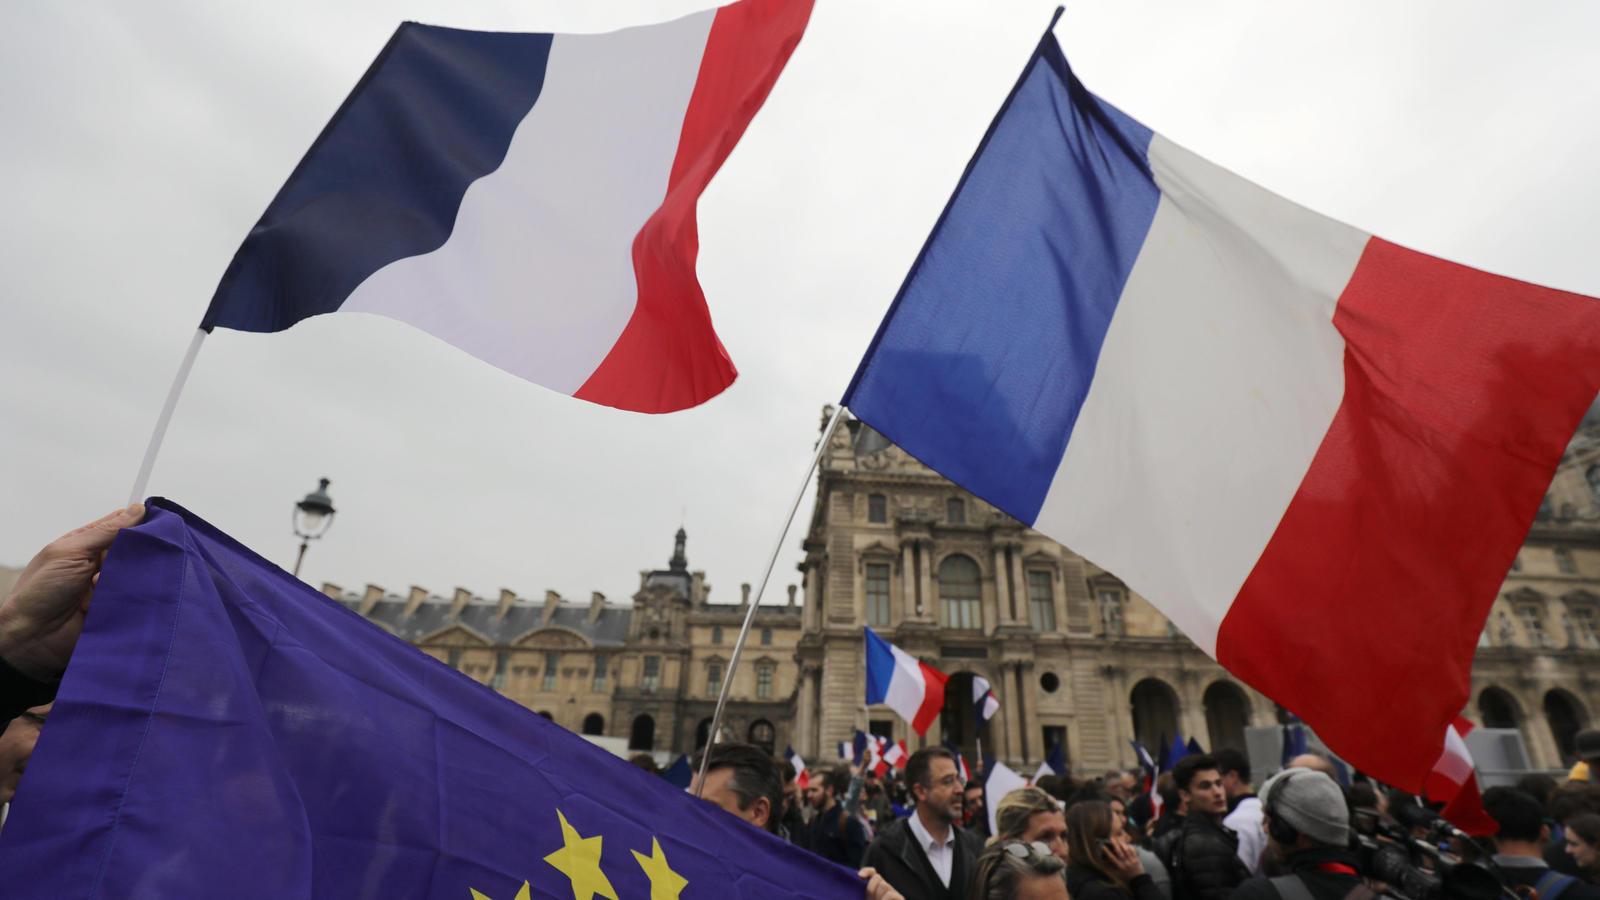 Frankreich - Bürger entscheiden in Stichwahl über neues Staatsoberhaupt